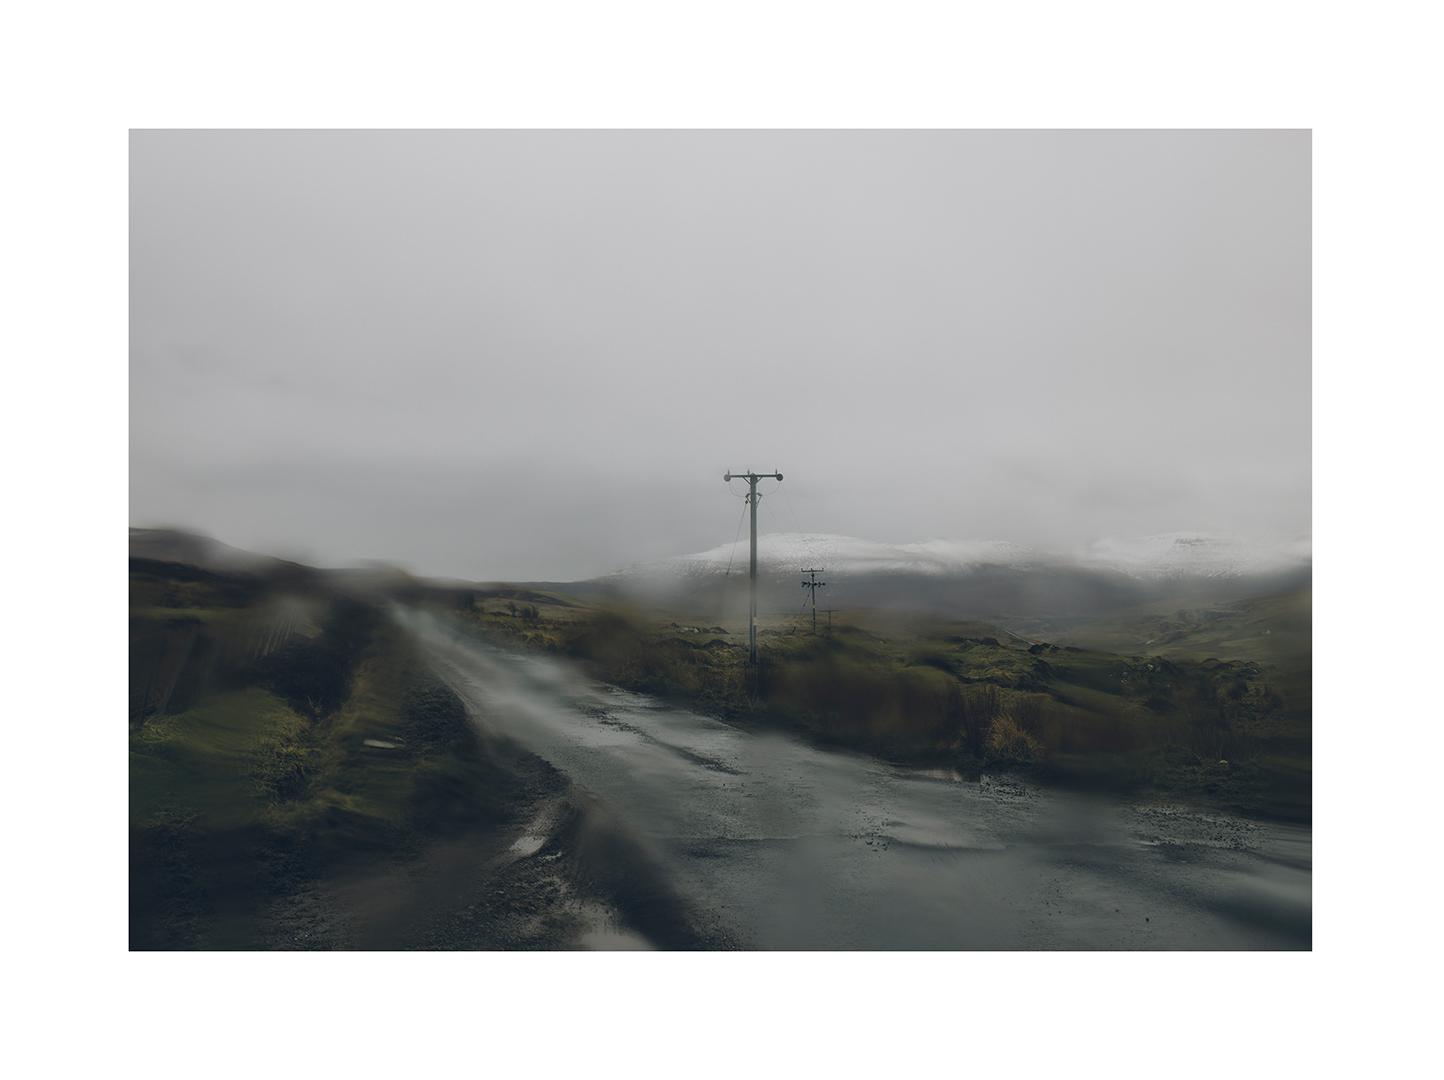 landscapes_01.jpg